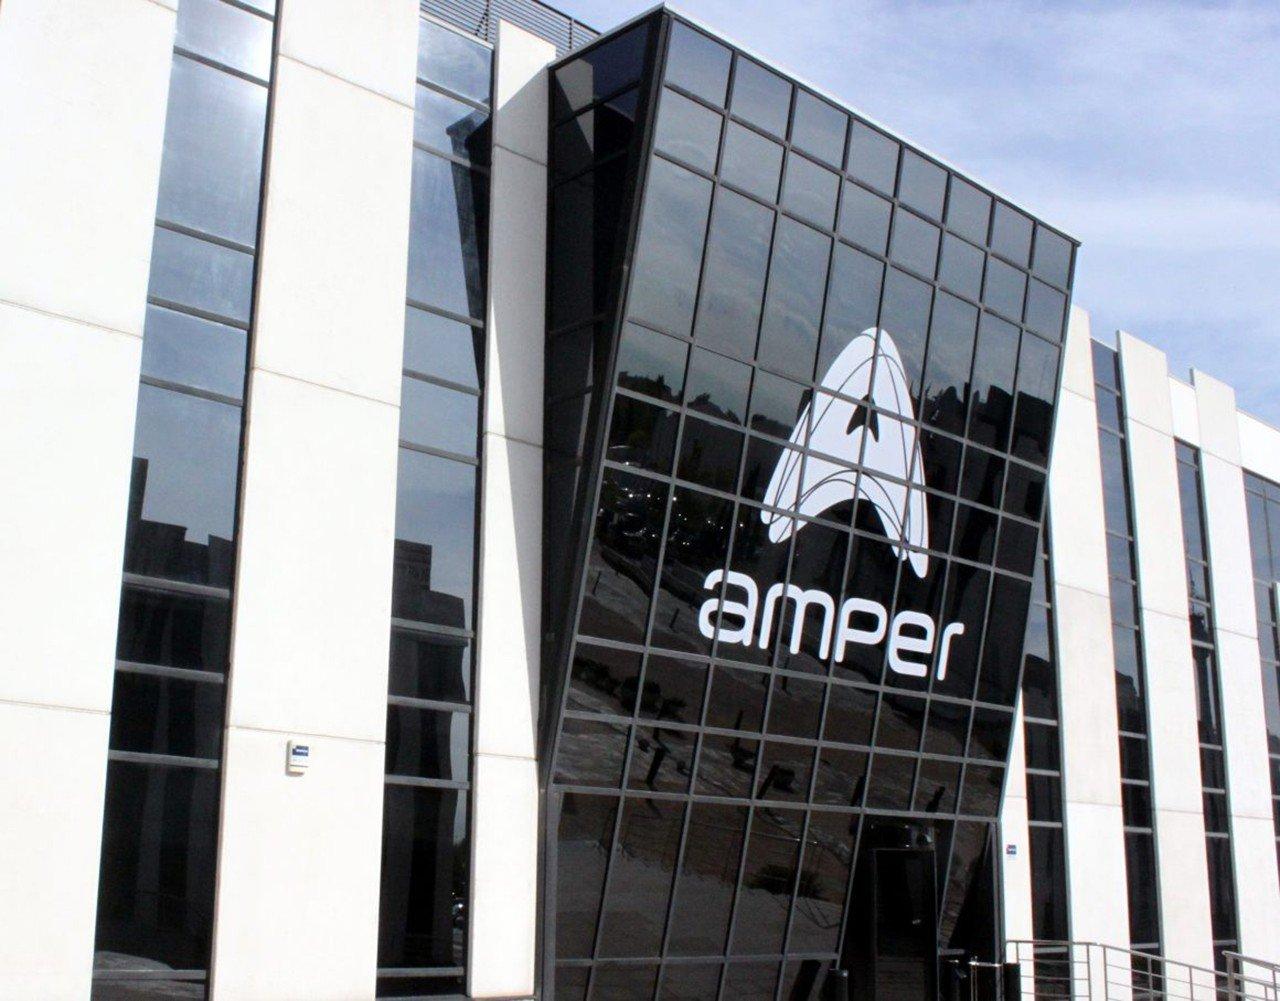 Amper ganó 21,7 millones de euros en 2019, un 81% más que el año anterior